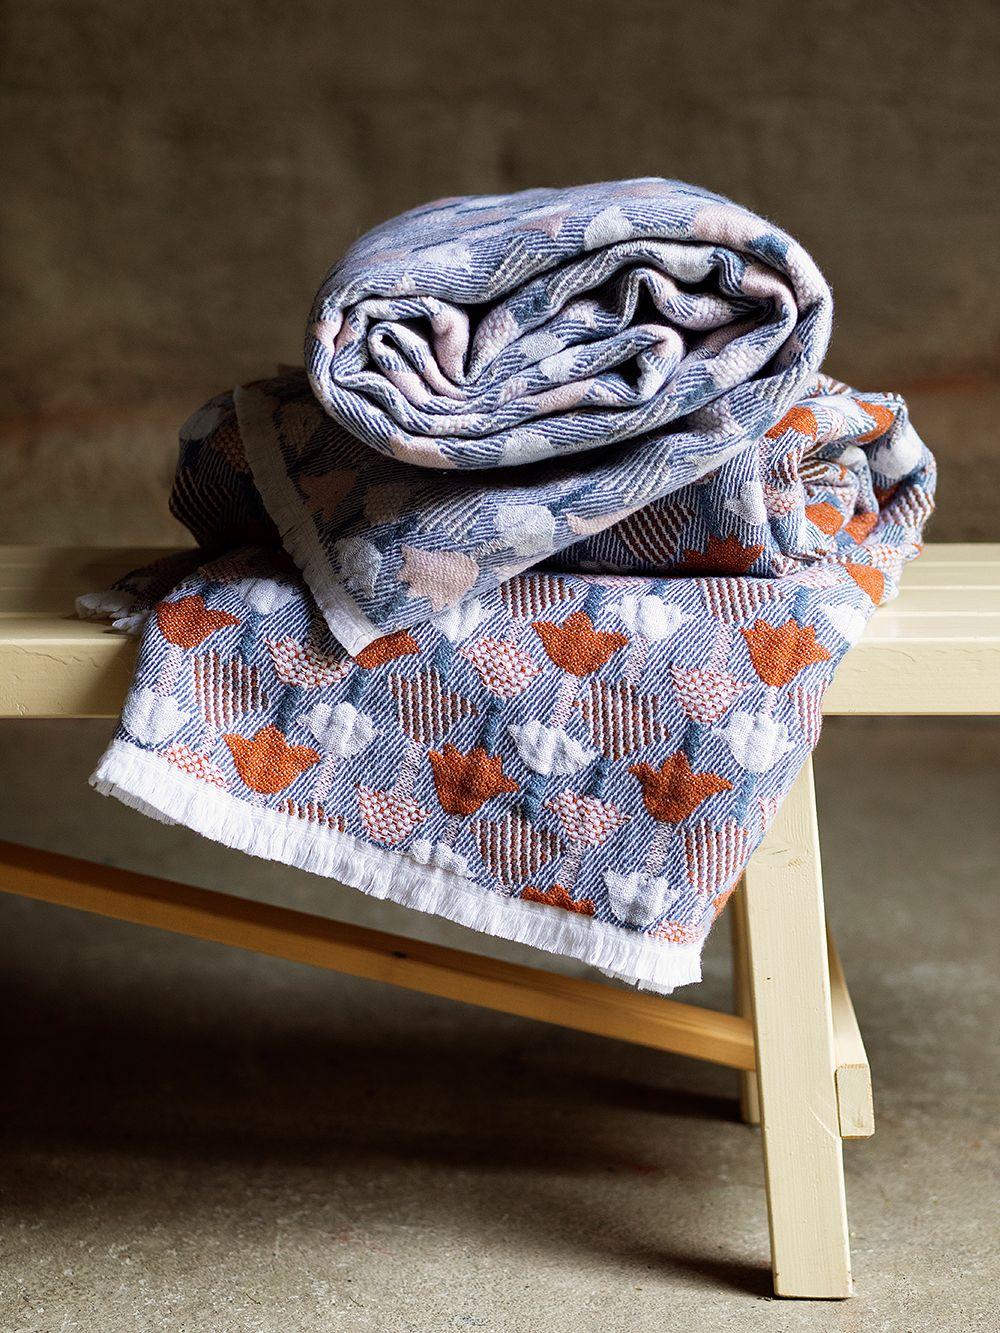 Tulppaani blanket by Lapuan Kankurit